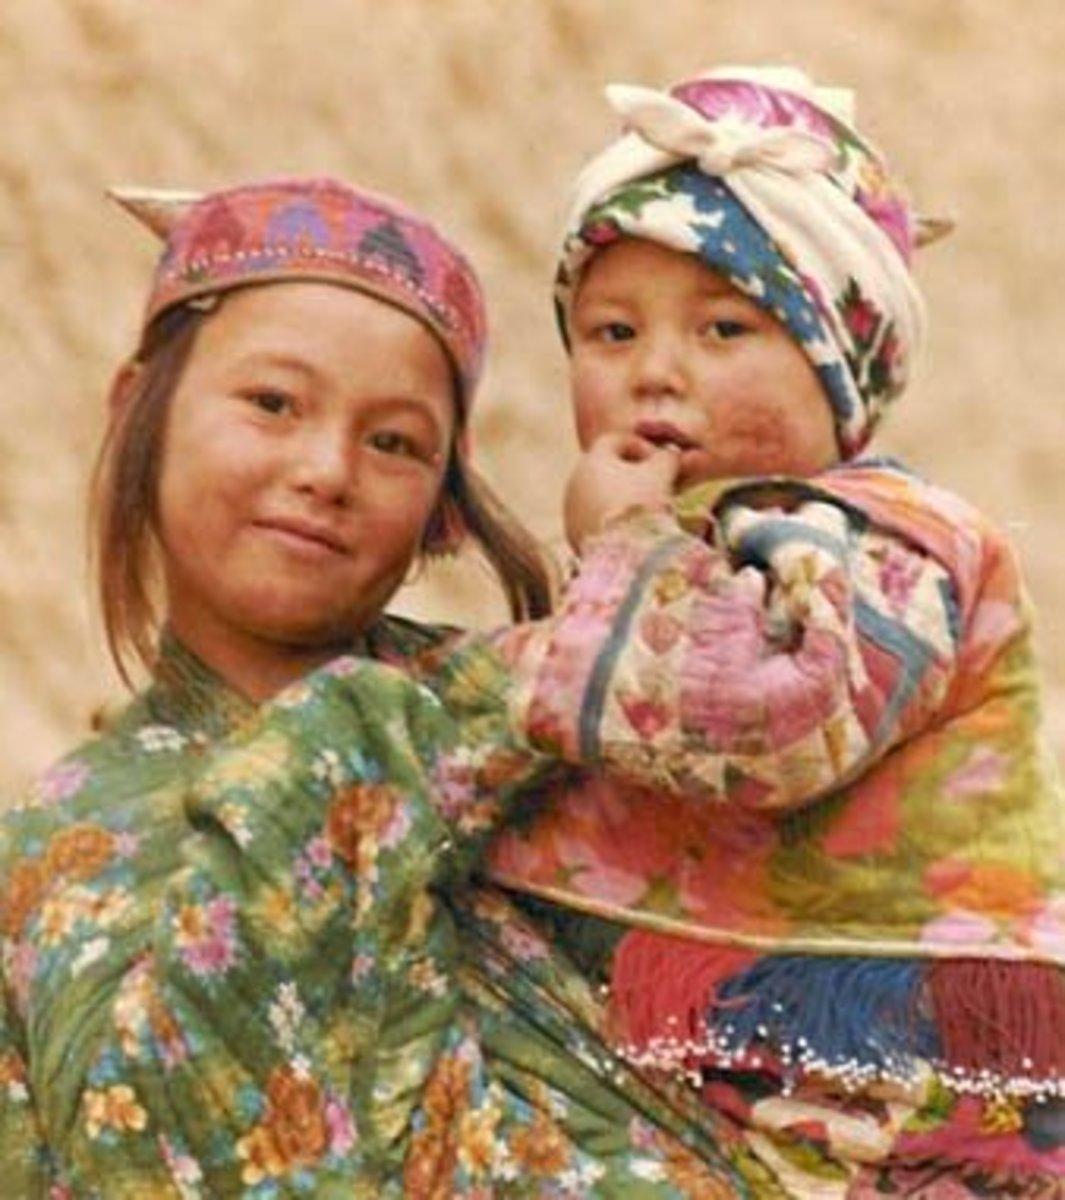 Turkmen Children in Afghanistan